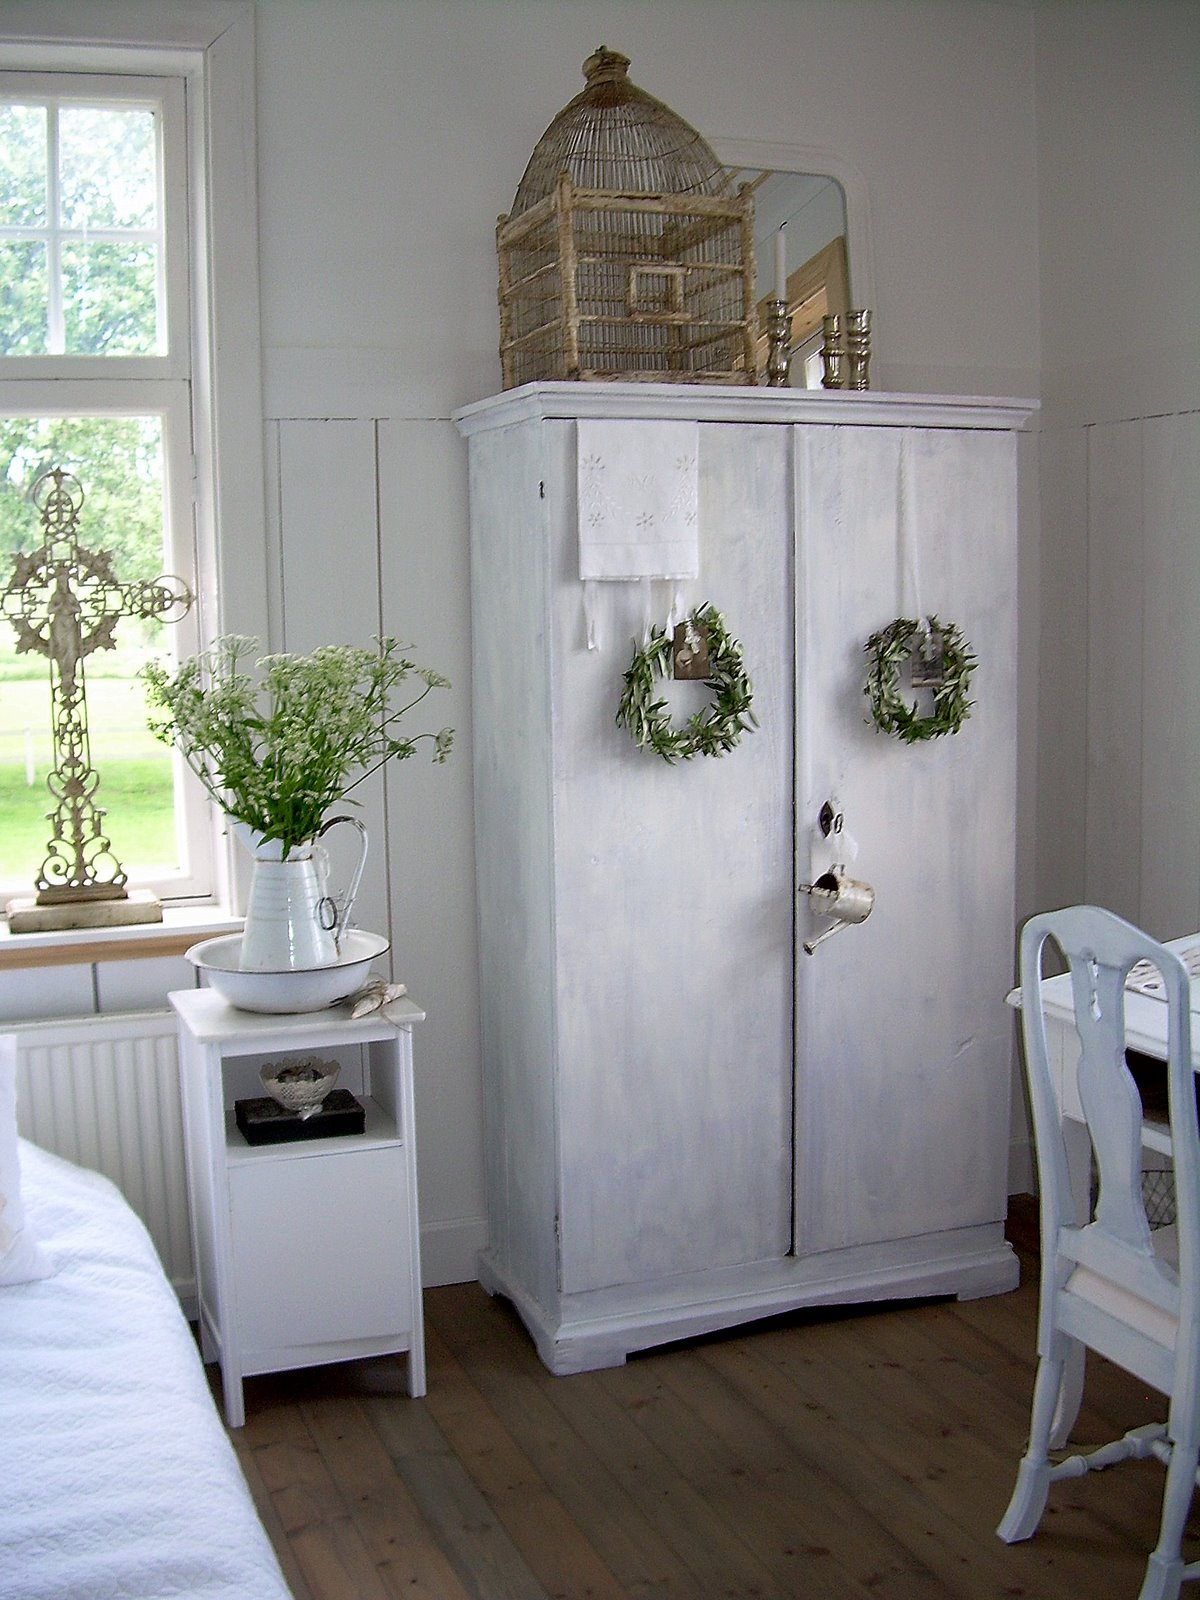 Estilo rustico la tecnica decape en muebles rusticos for Fotos de muebles antiguos restaurados